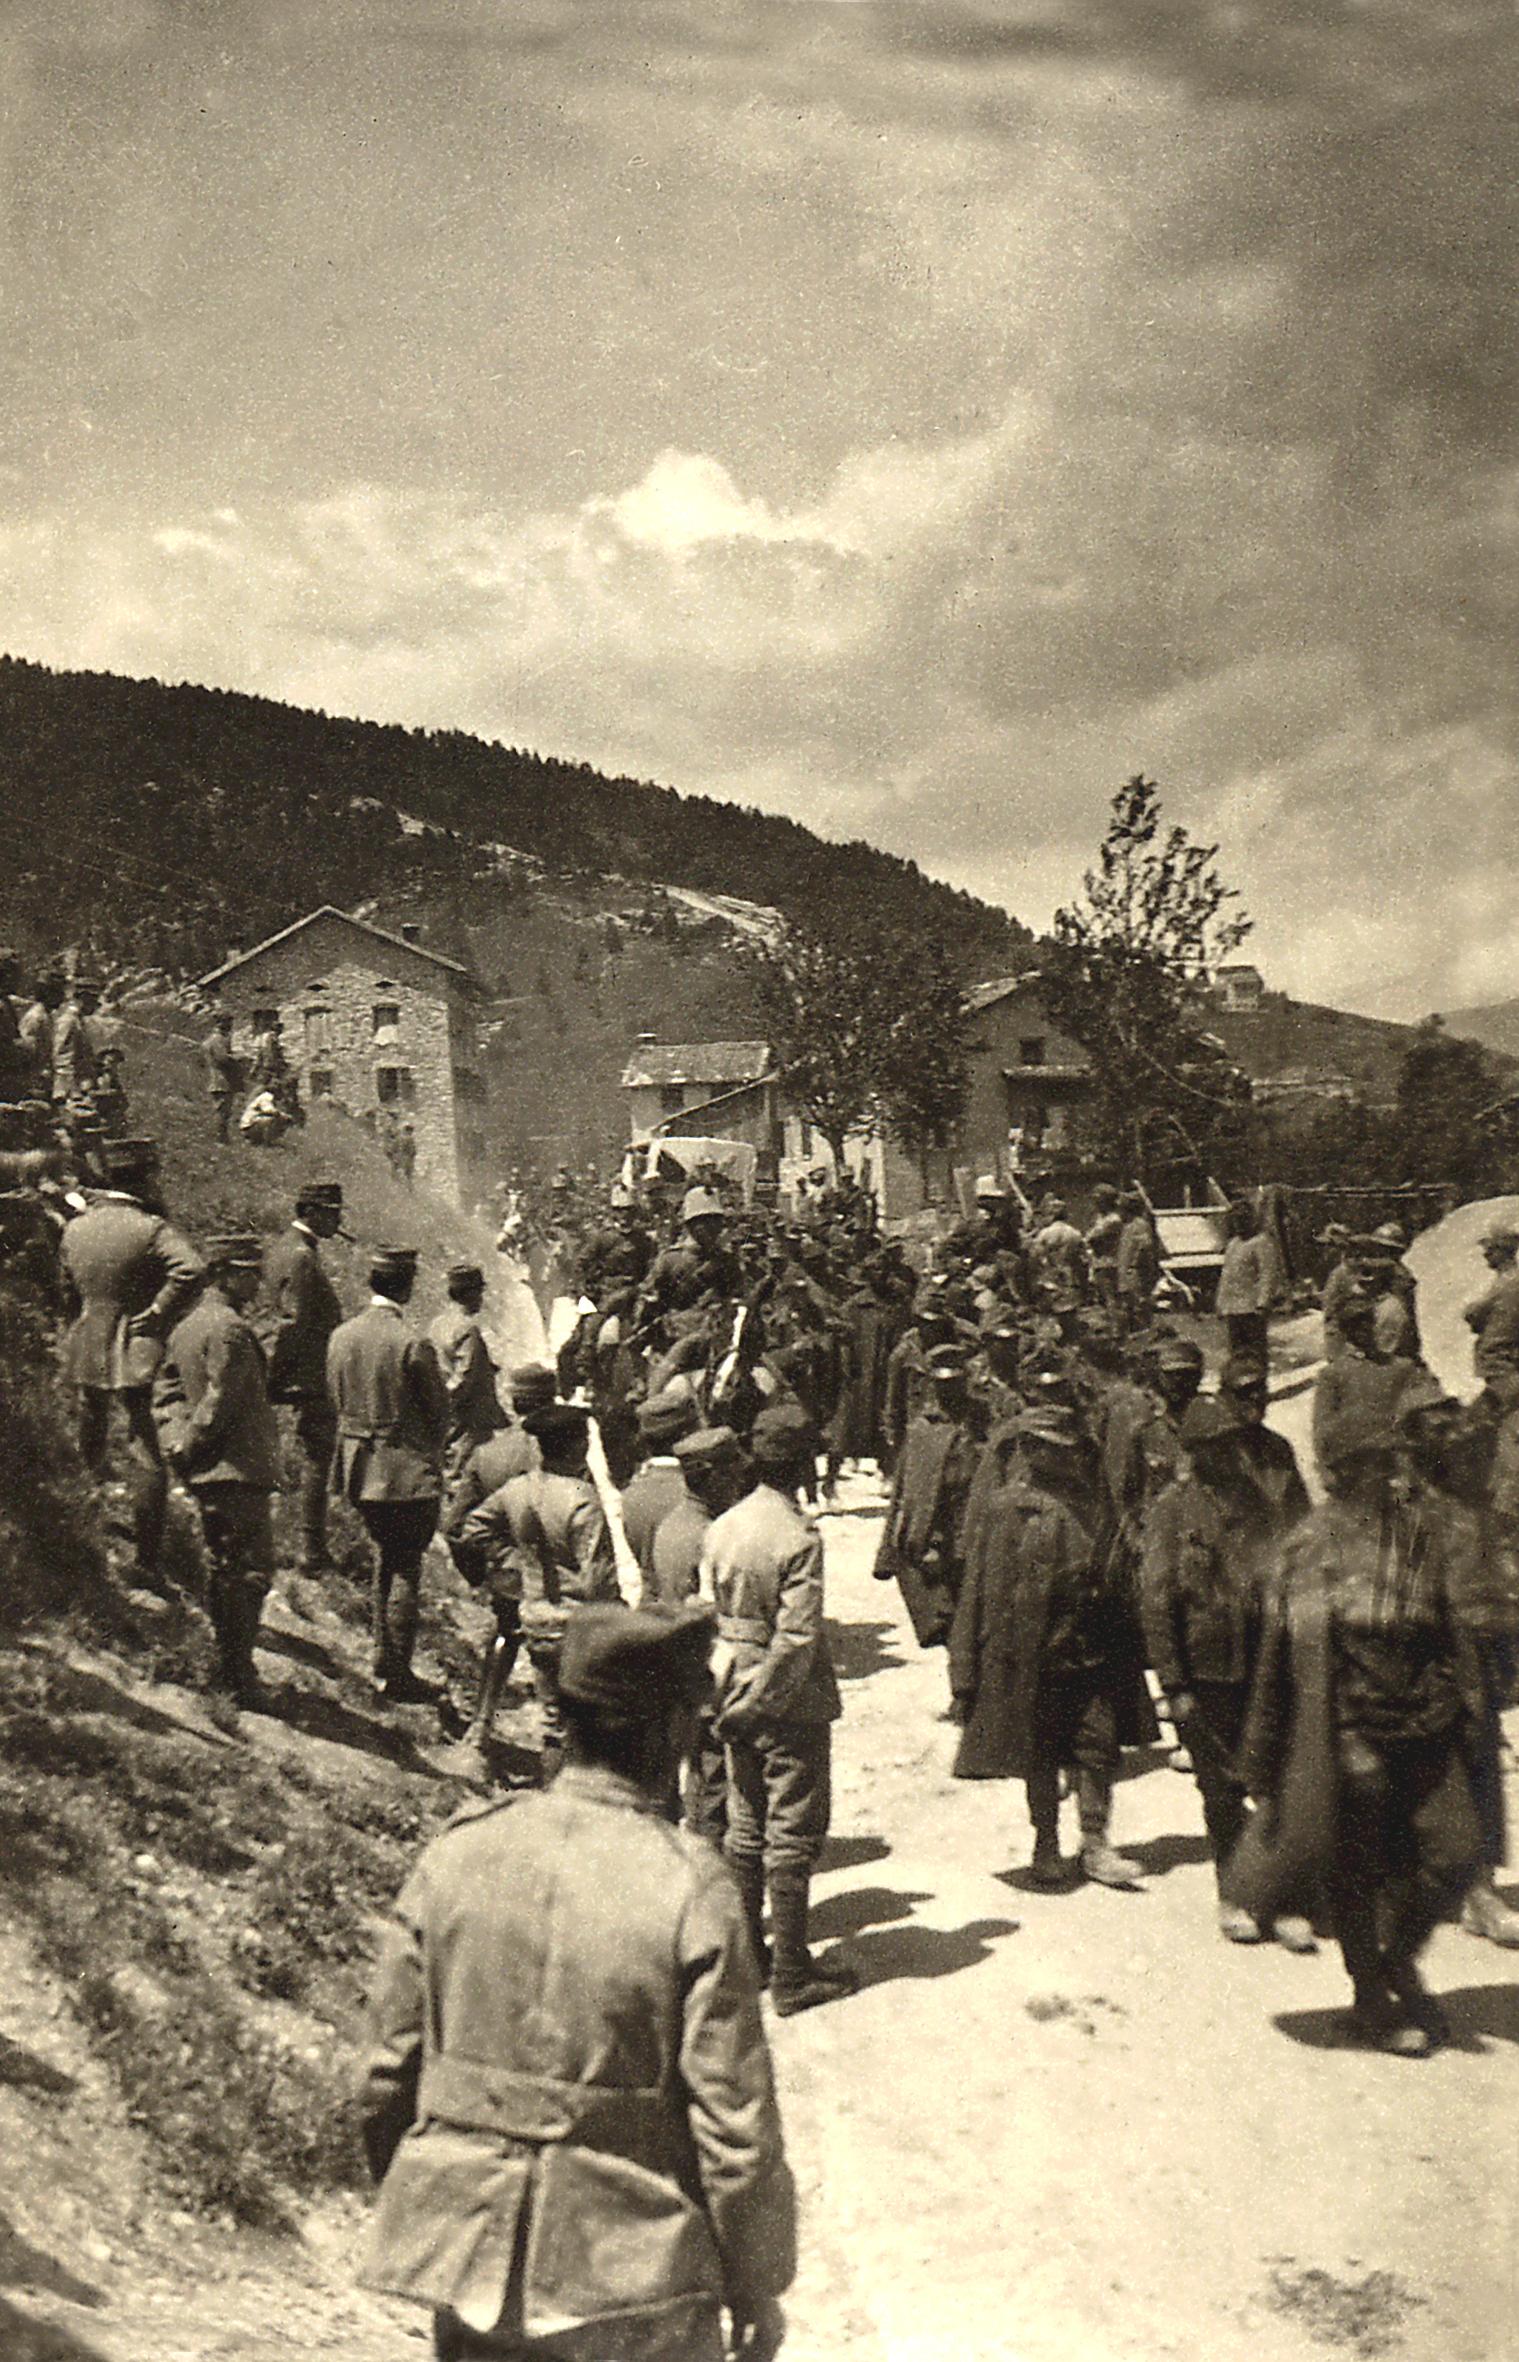 06 - prigionieri austriaci dell'ortigara sfilano per le vie di enego- ASDM.JPG